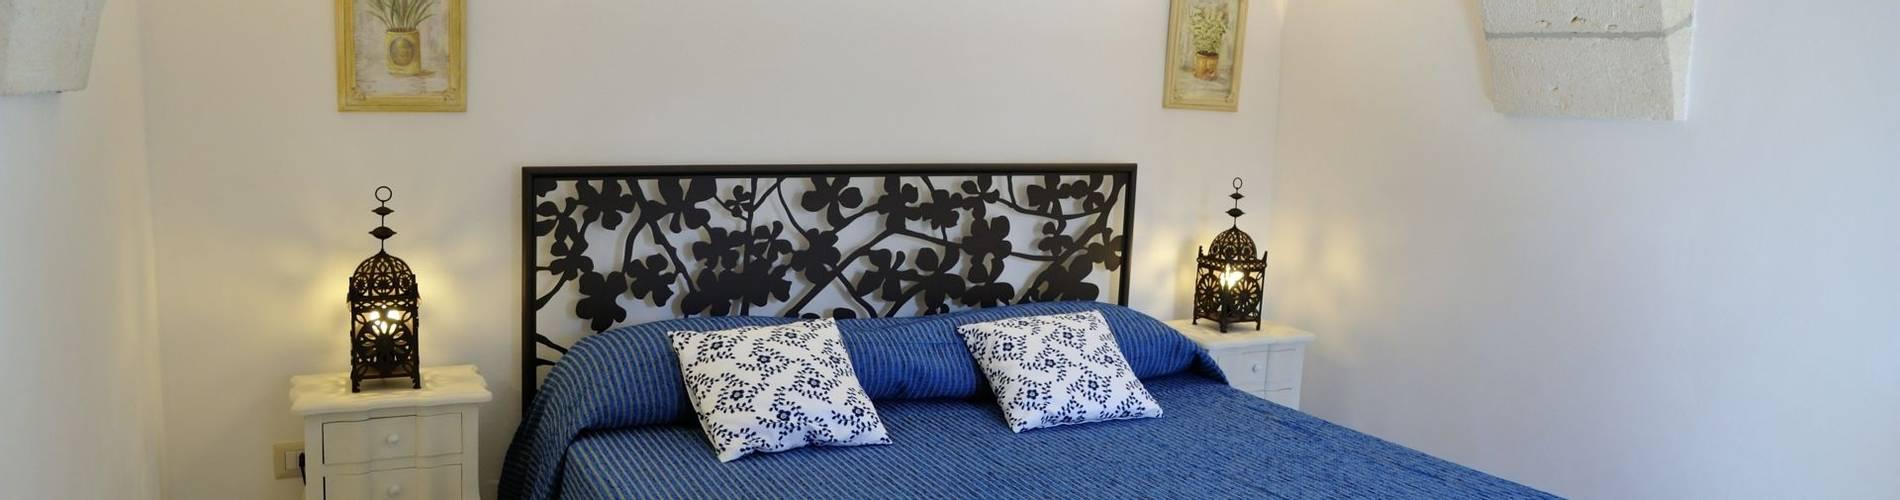 Borgo Delle Querce, Puglia, Italy, Luxury Suite.jpg